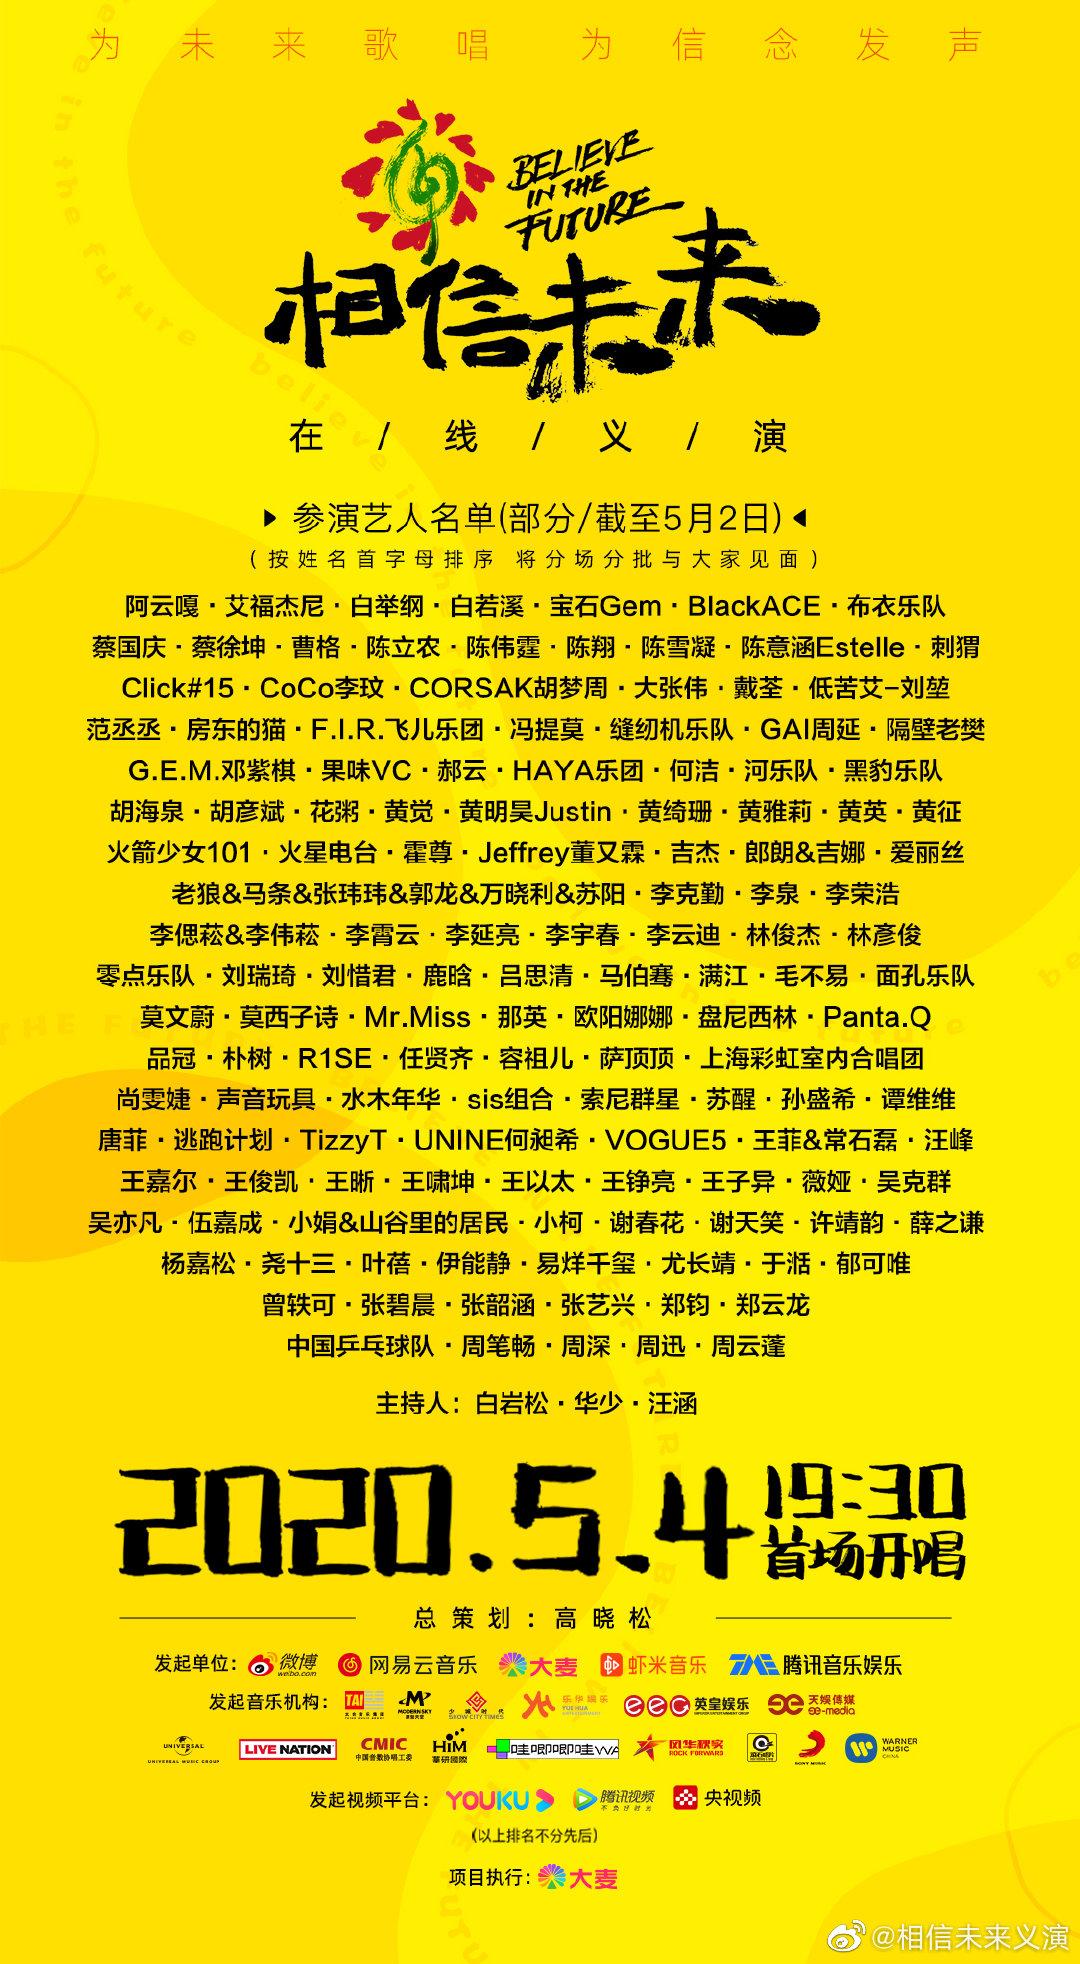 5月4日相信未来义演,云集郎朗夫妇、王菲、朴树等音乐人